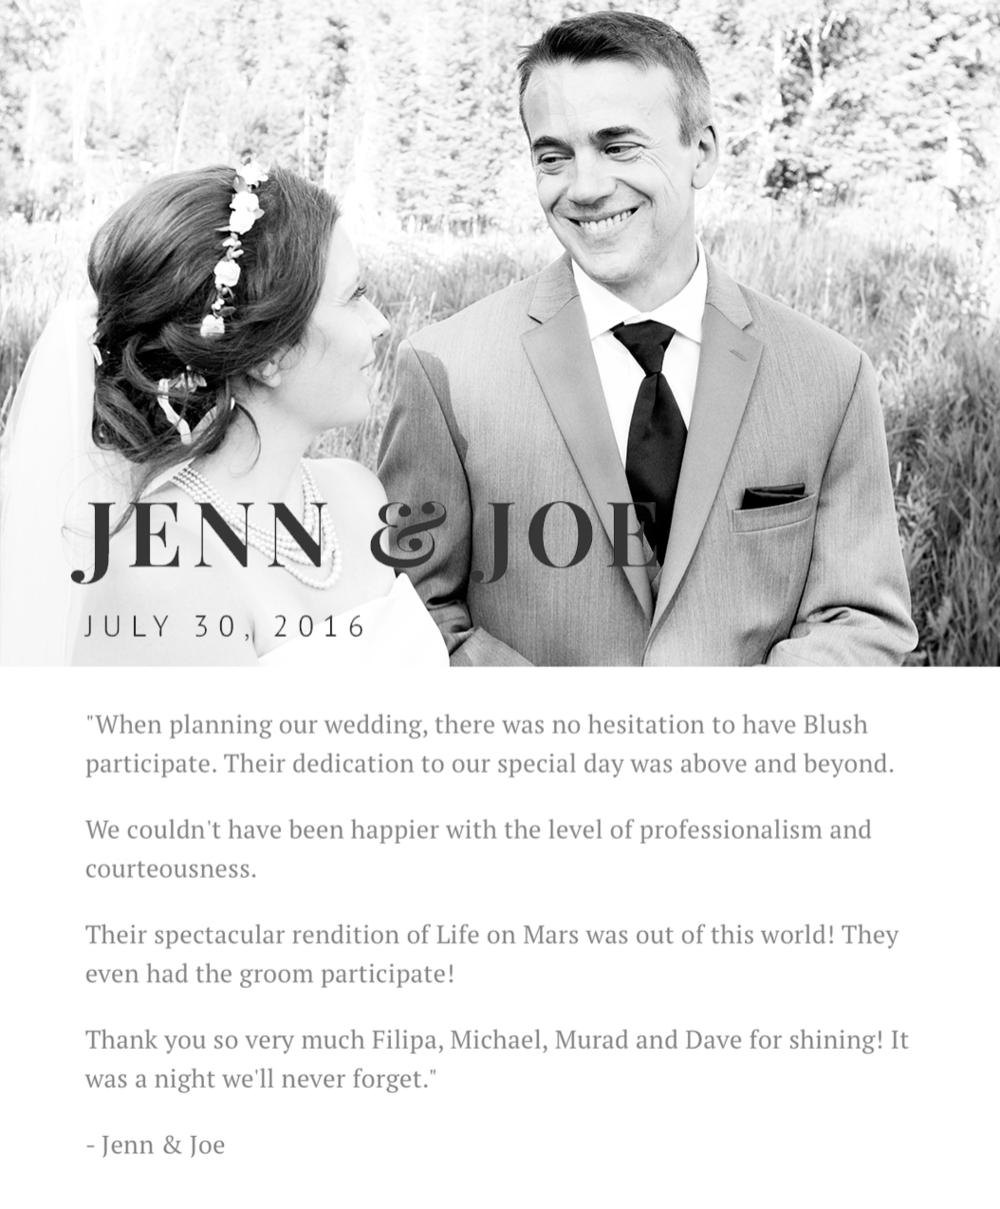 Jenn+&+Joe+Review.png